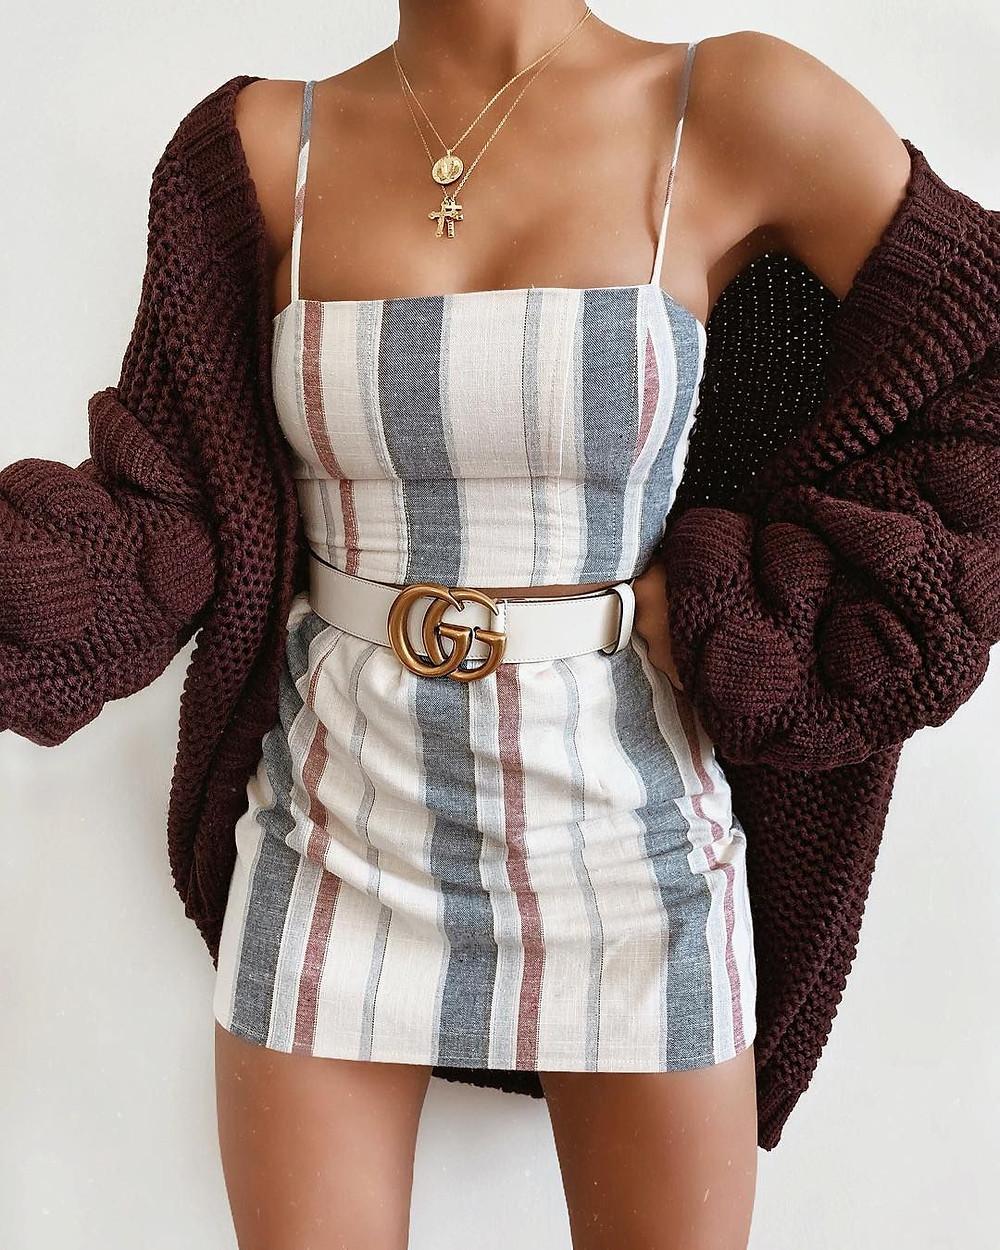 Dressing hacks for women